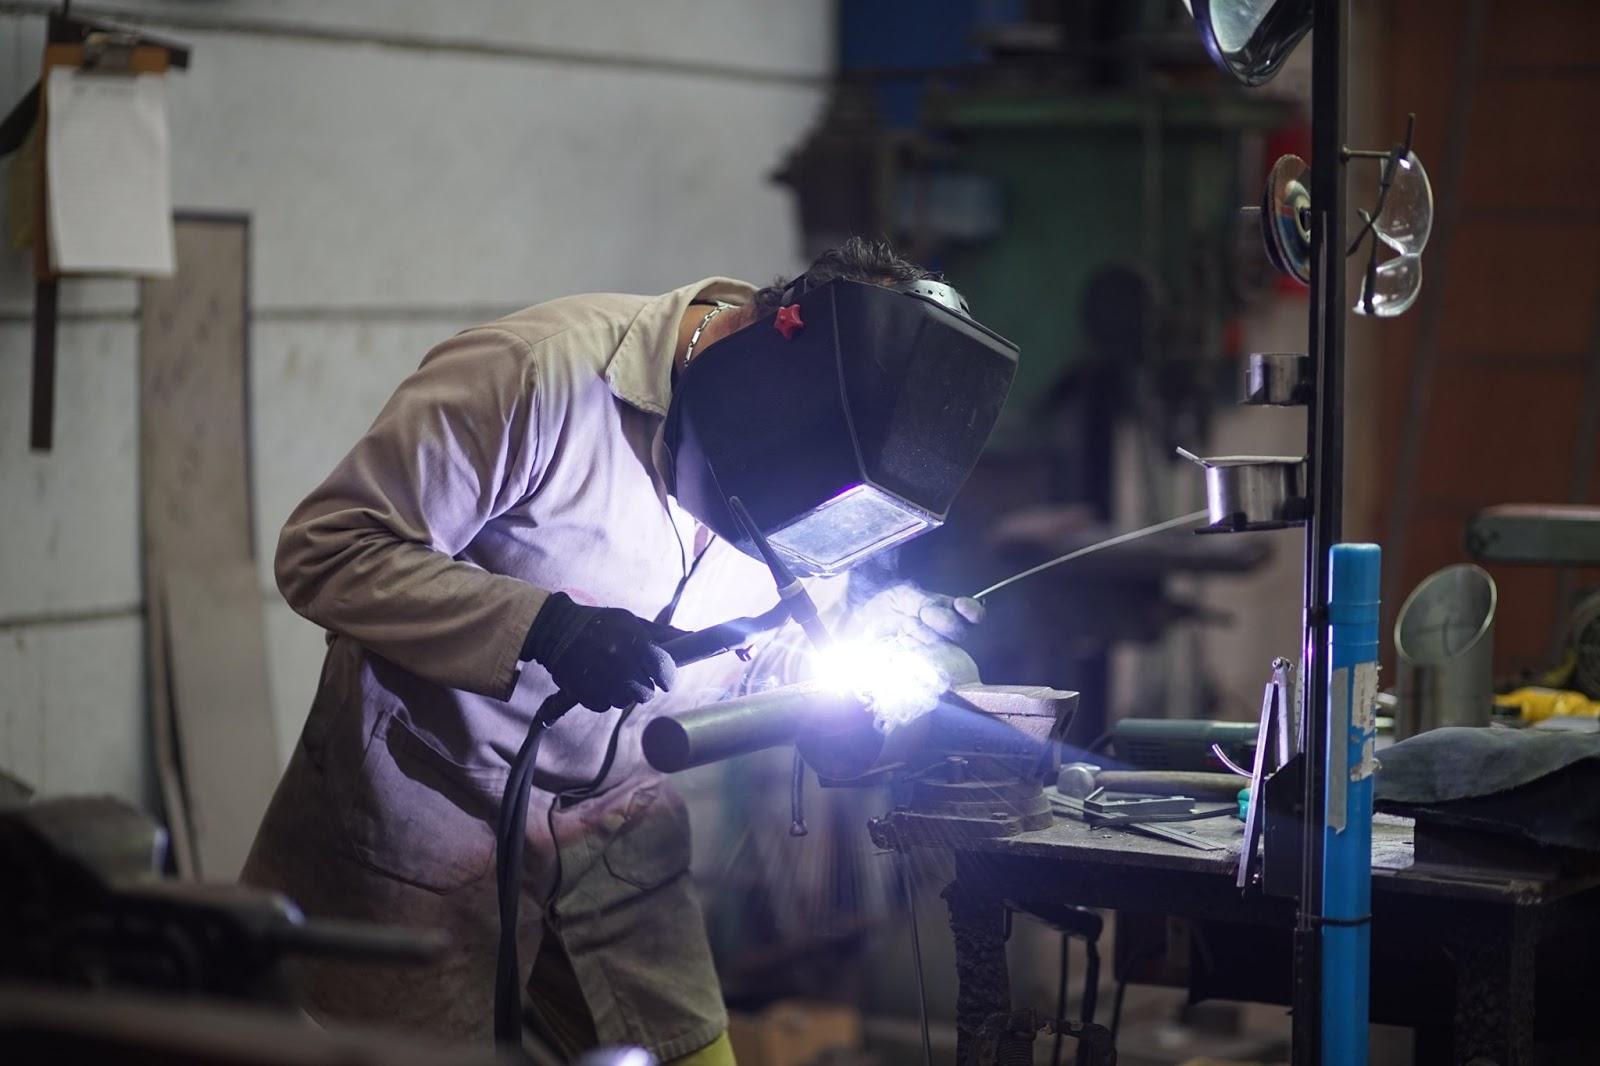 Maquinaria y Servicios Trejo creando túnel sanitizante: ¡Puro talento zacateco!